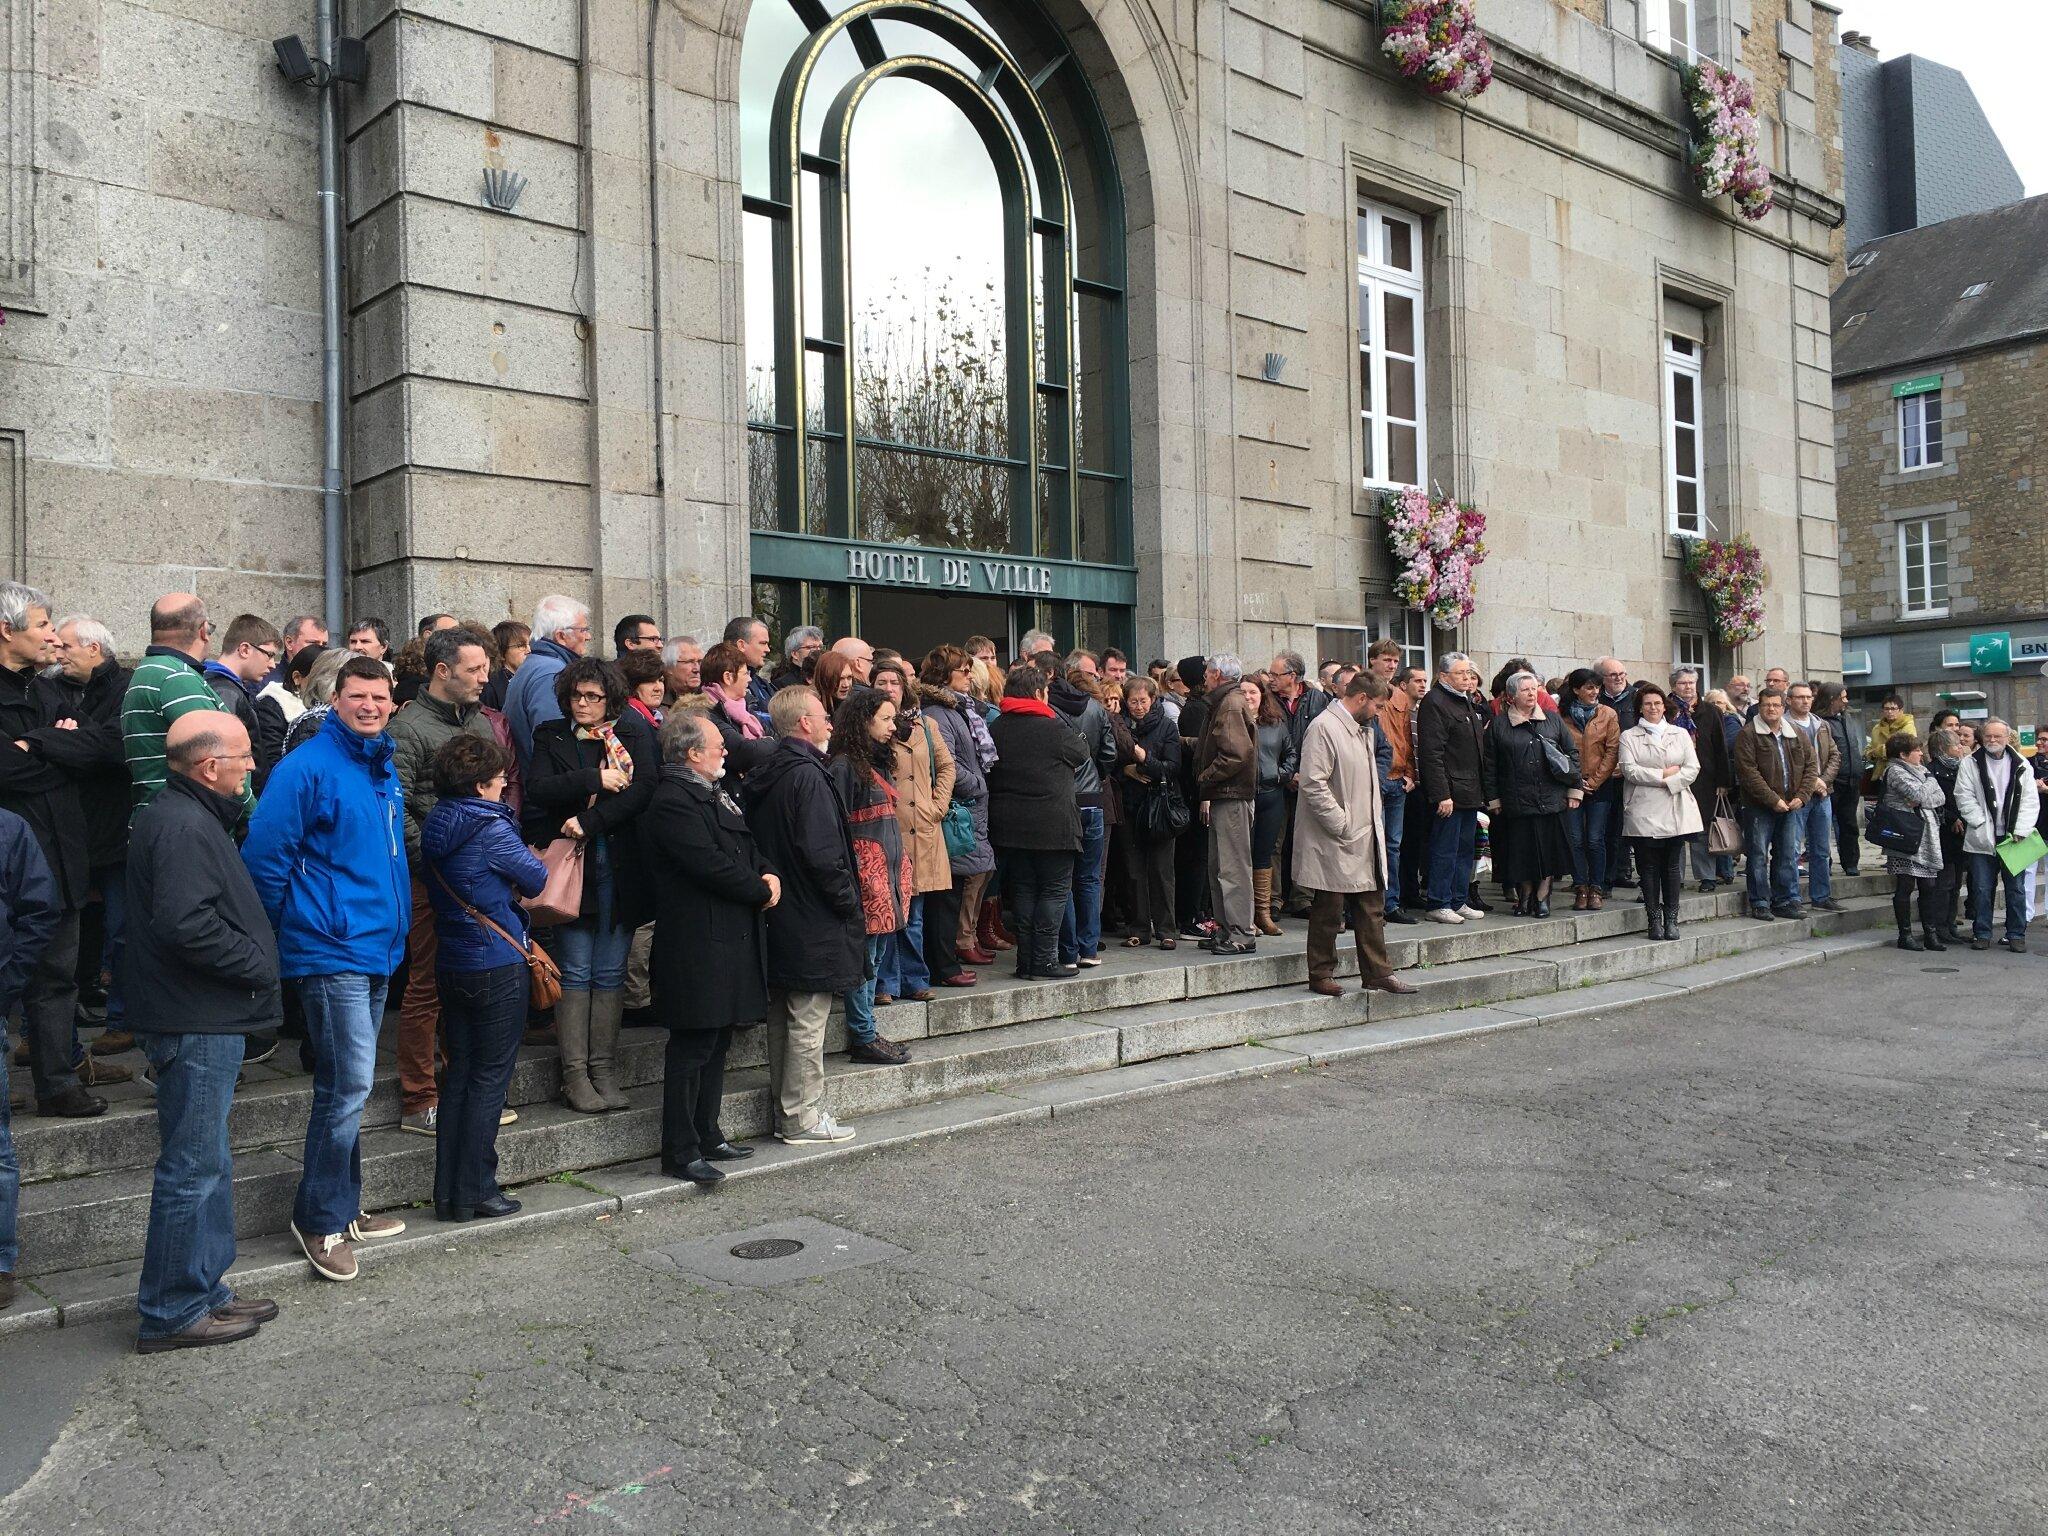 minute de silence et de recueillement à Avranches lundi midi 16 novembre 2015 après les attaques de Paris